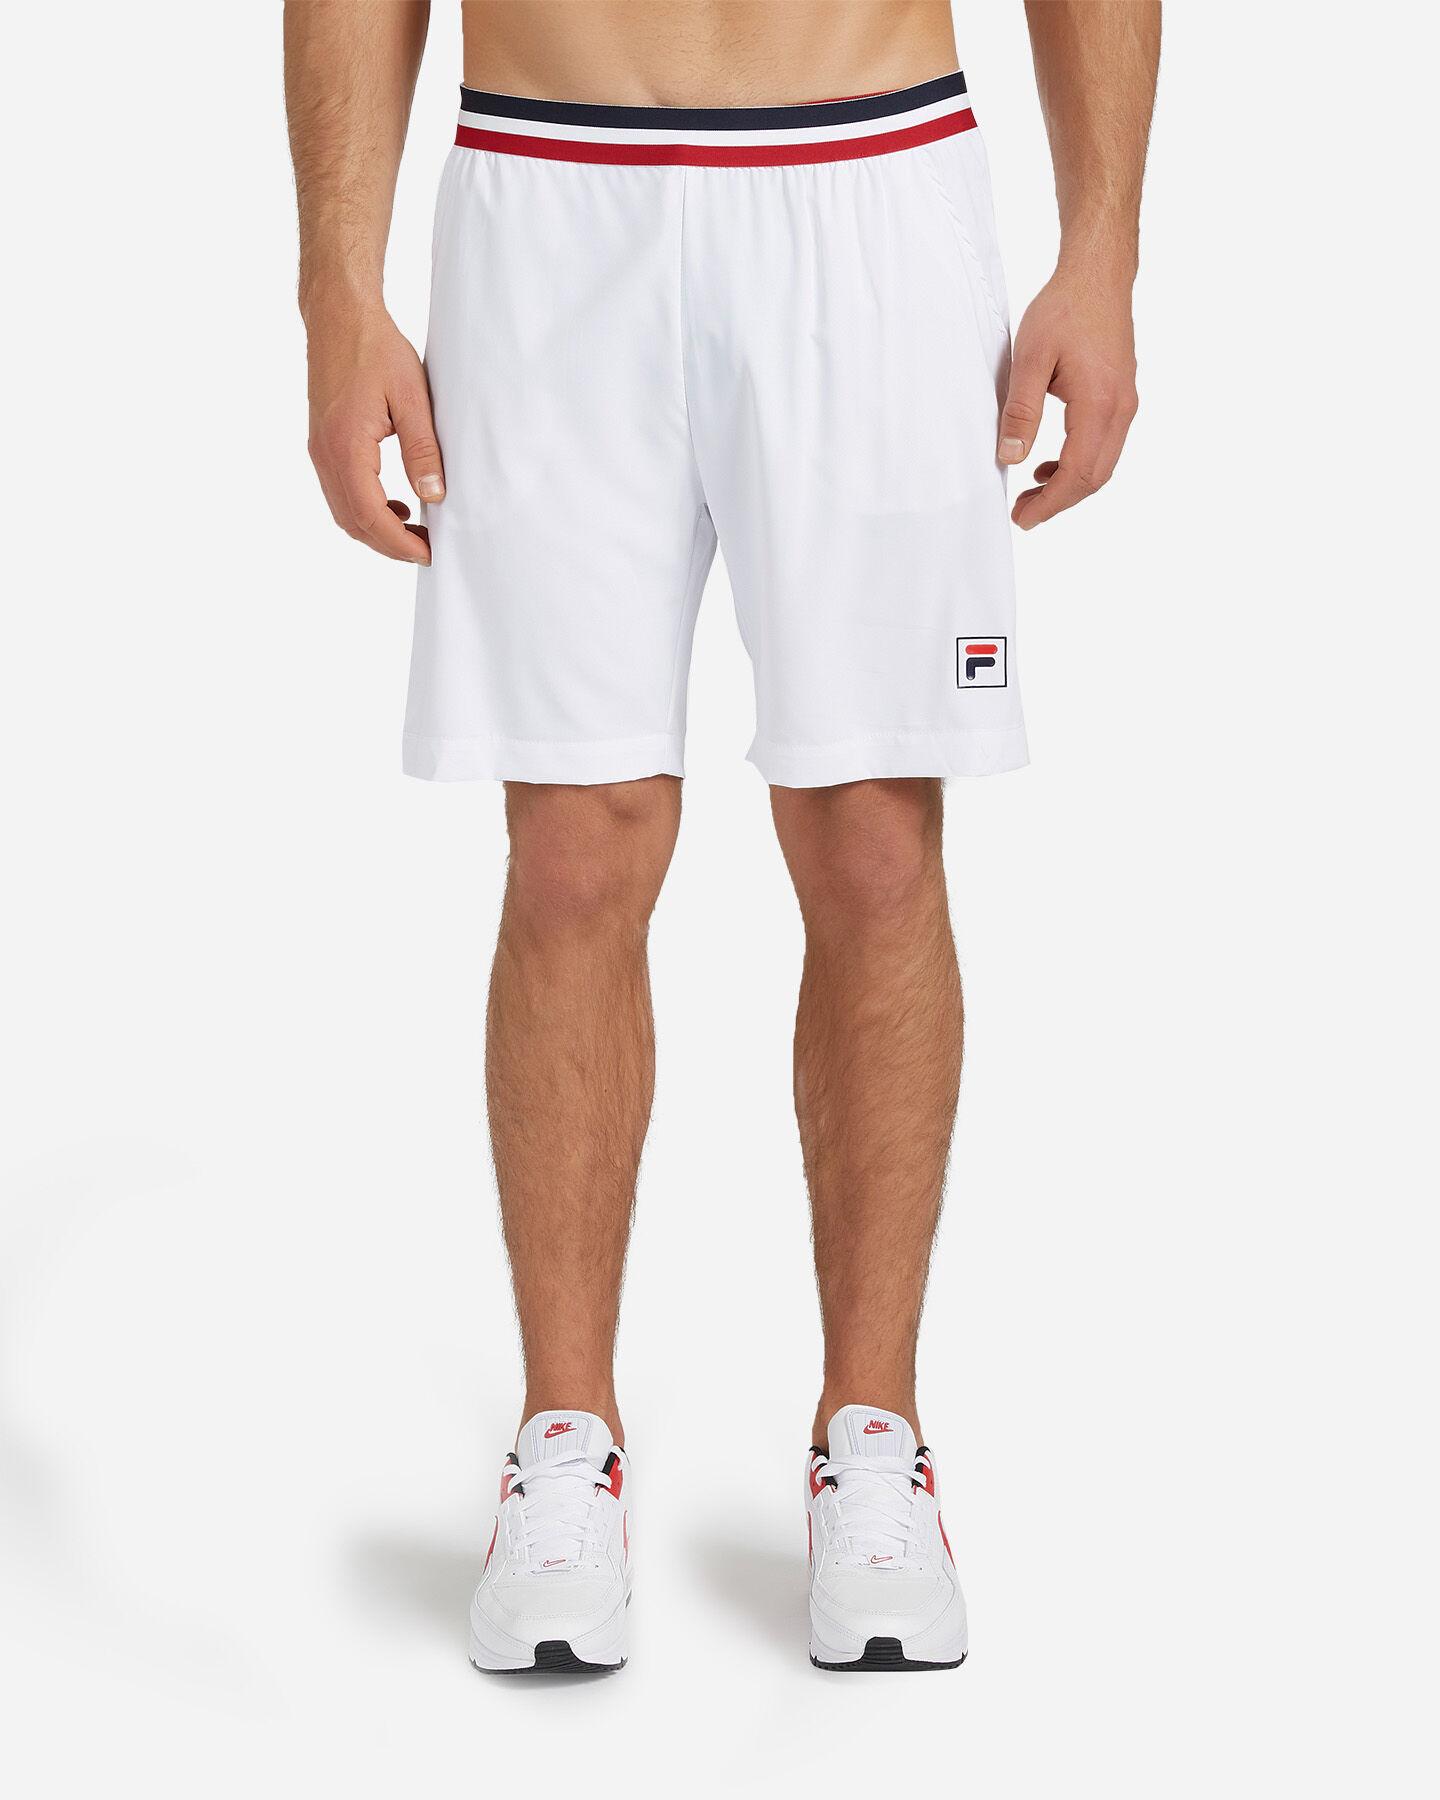 Pantaloncini tennis FILA CLASSIC TENNIS M S4075798 scatto 0